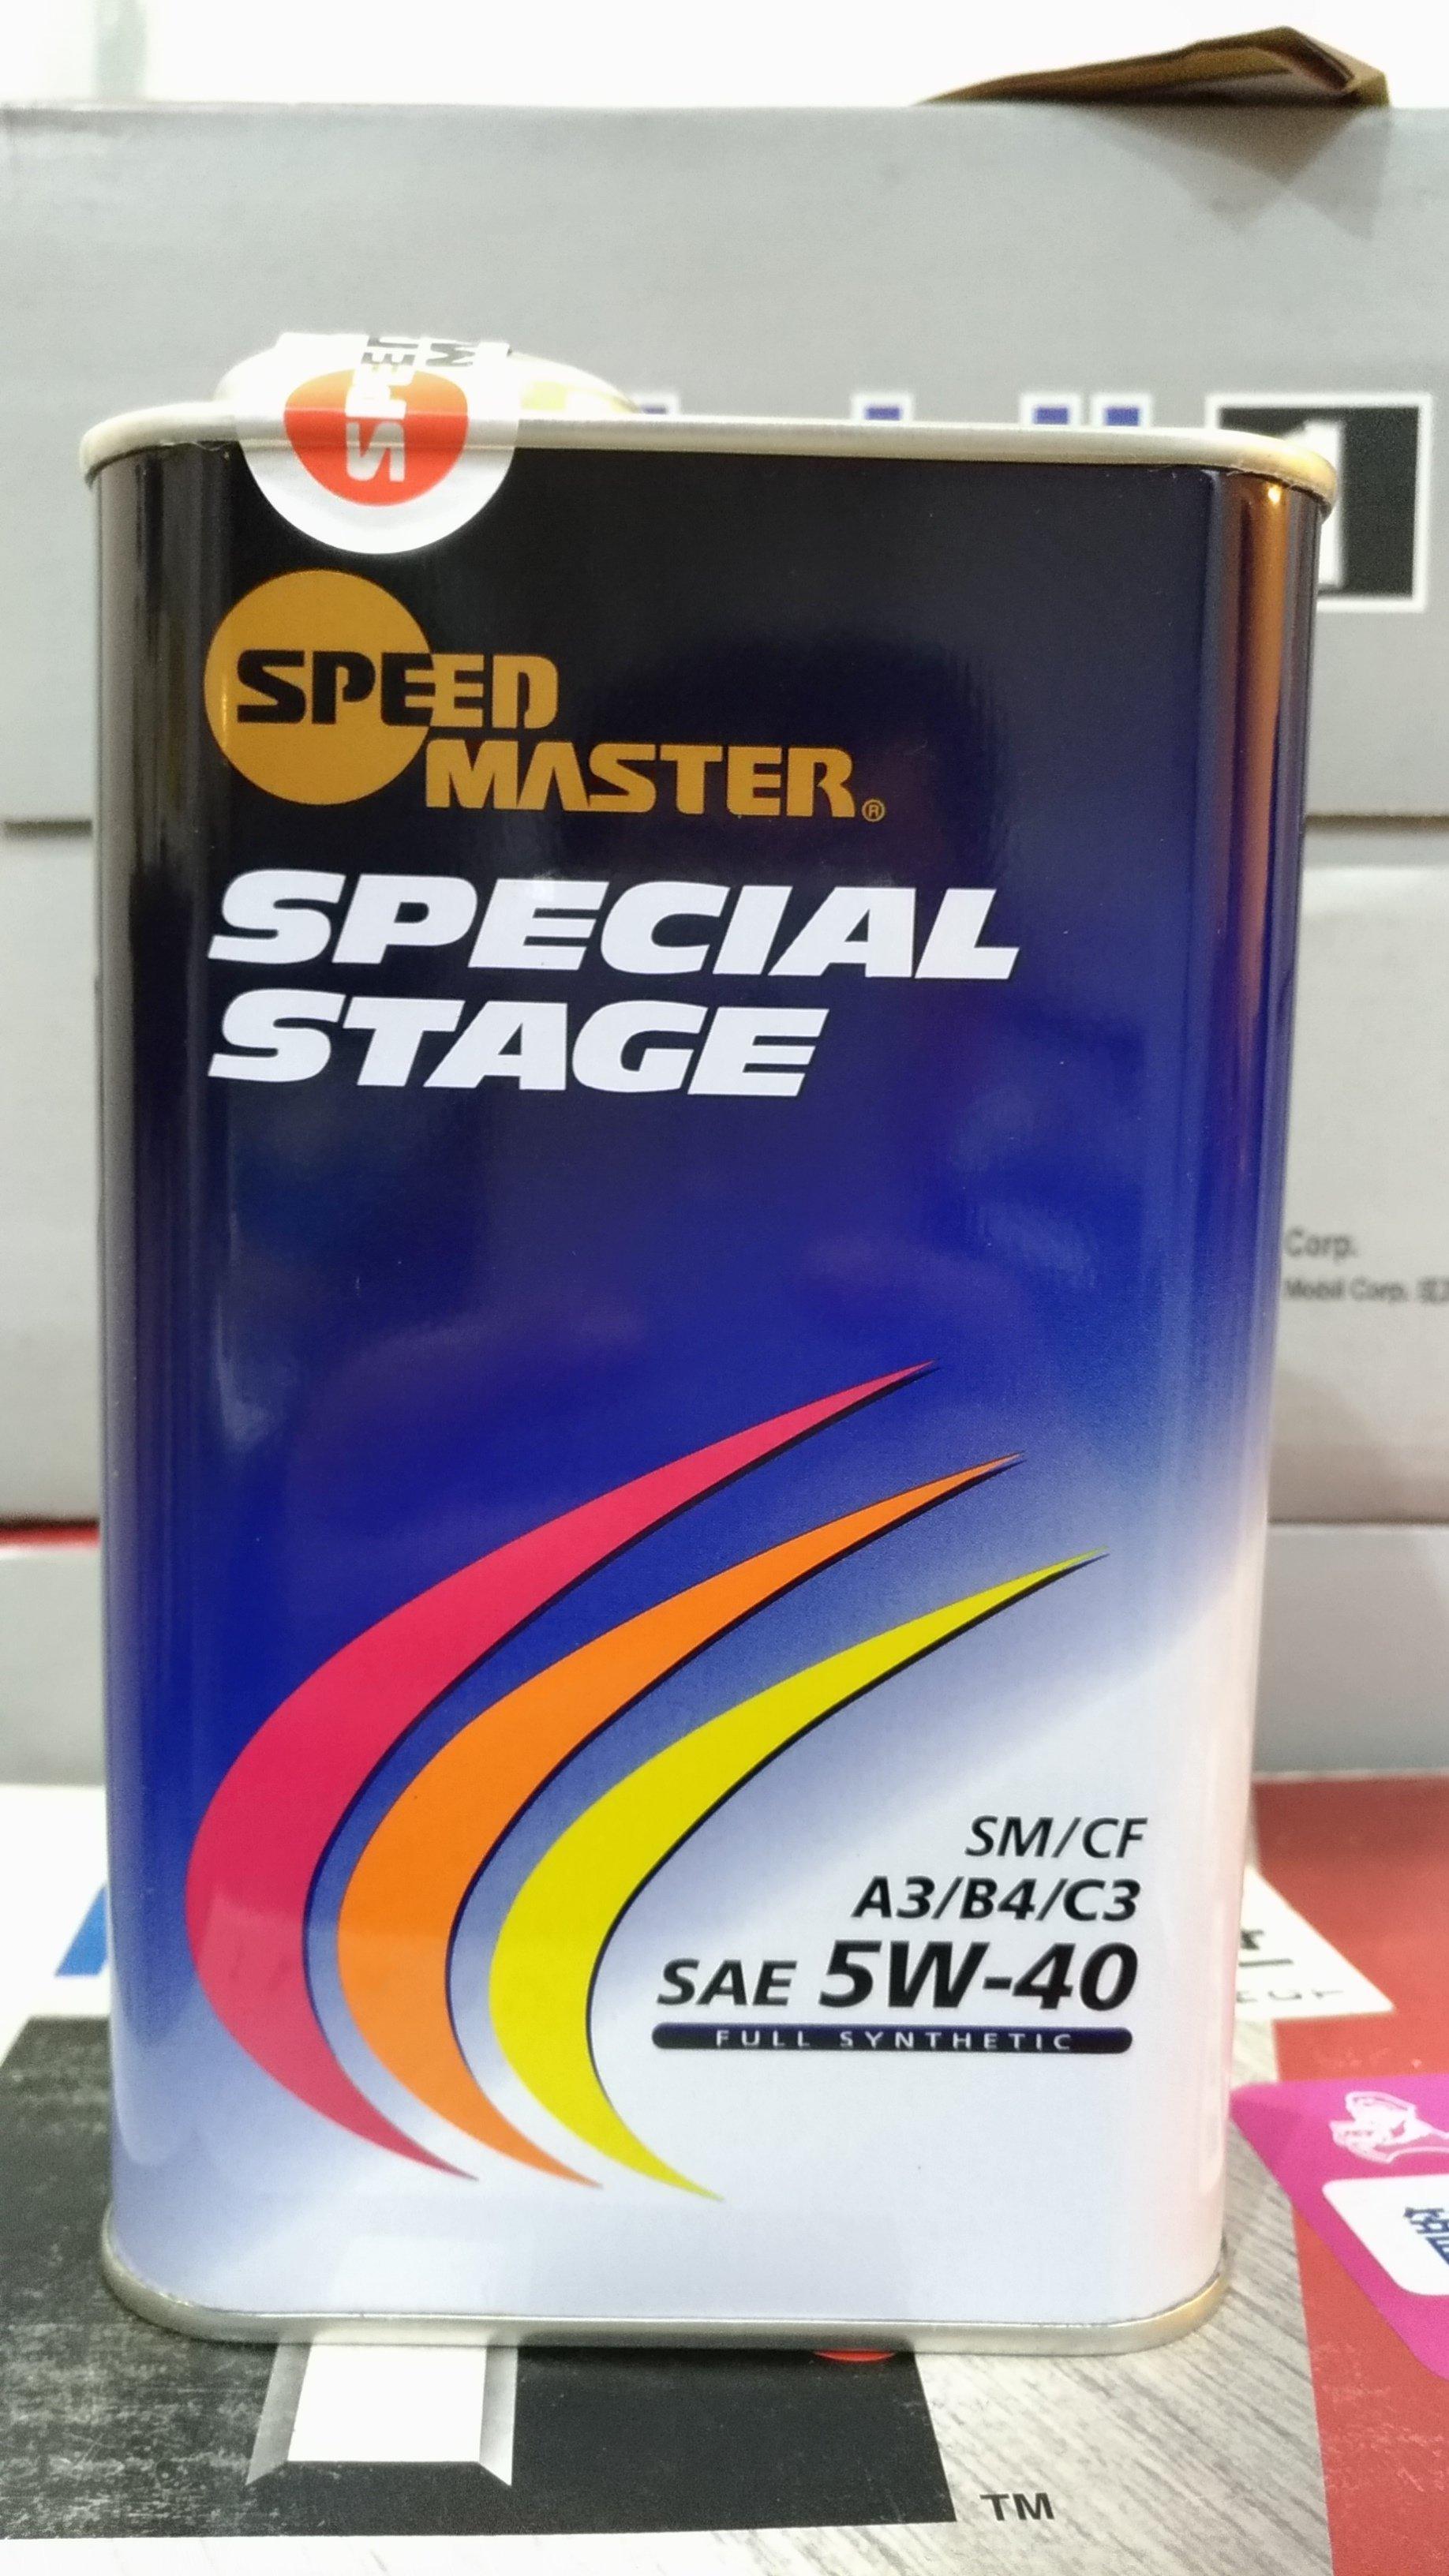 日本SPEED MASTER速馬力彩虹Special Stage 5w40 C3柴油汽油認證頂級酯類全合成機油1公升